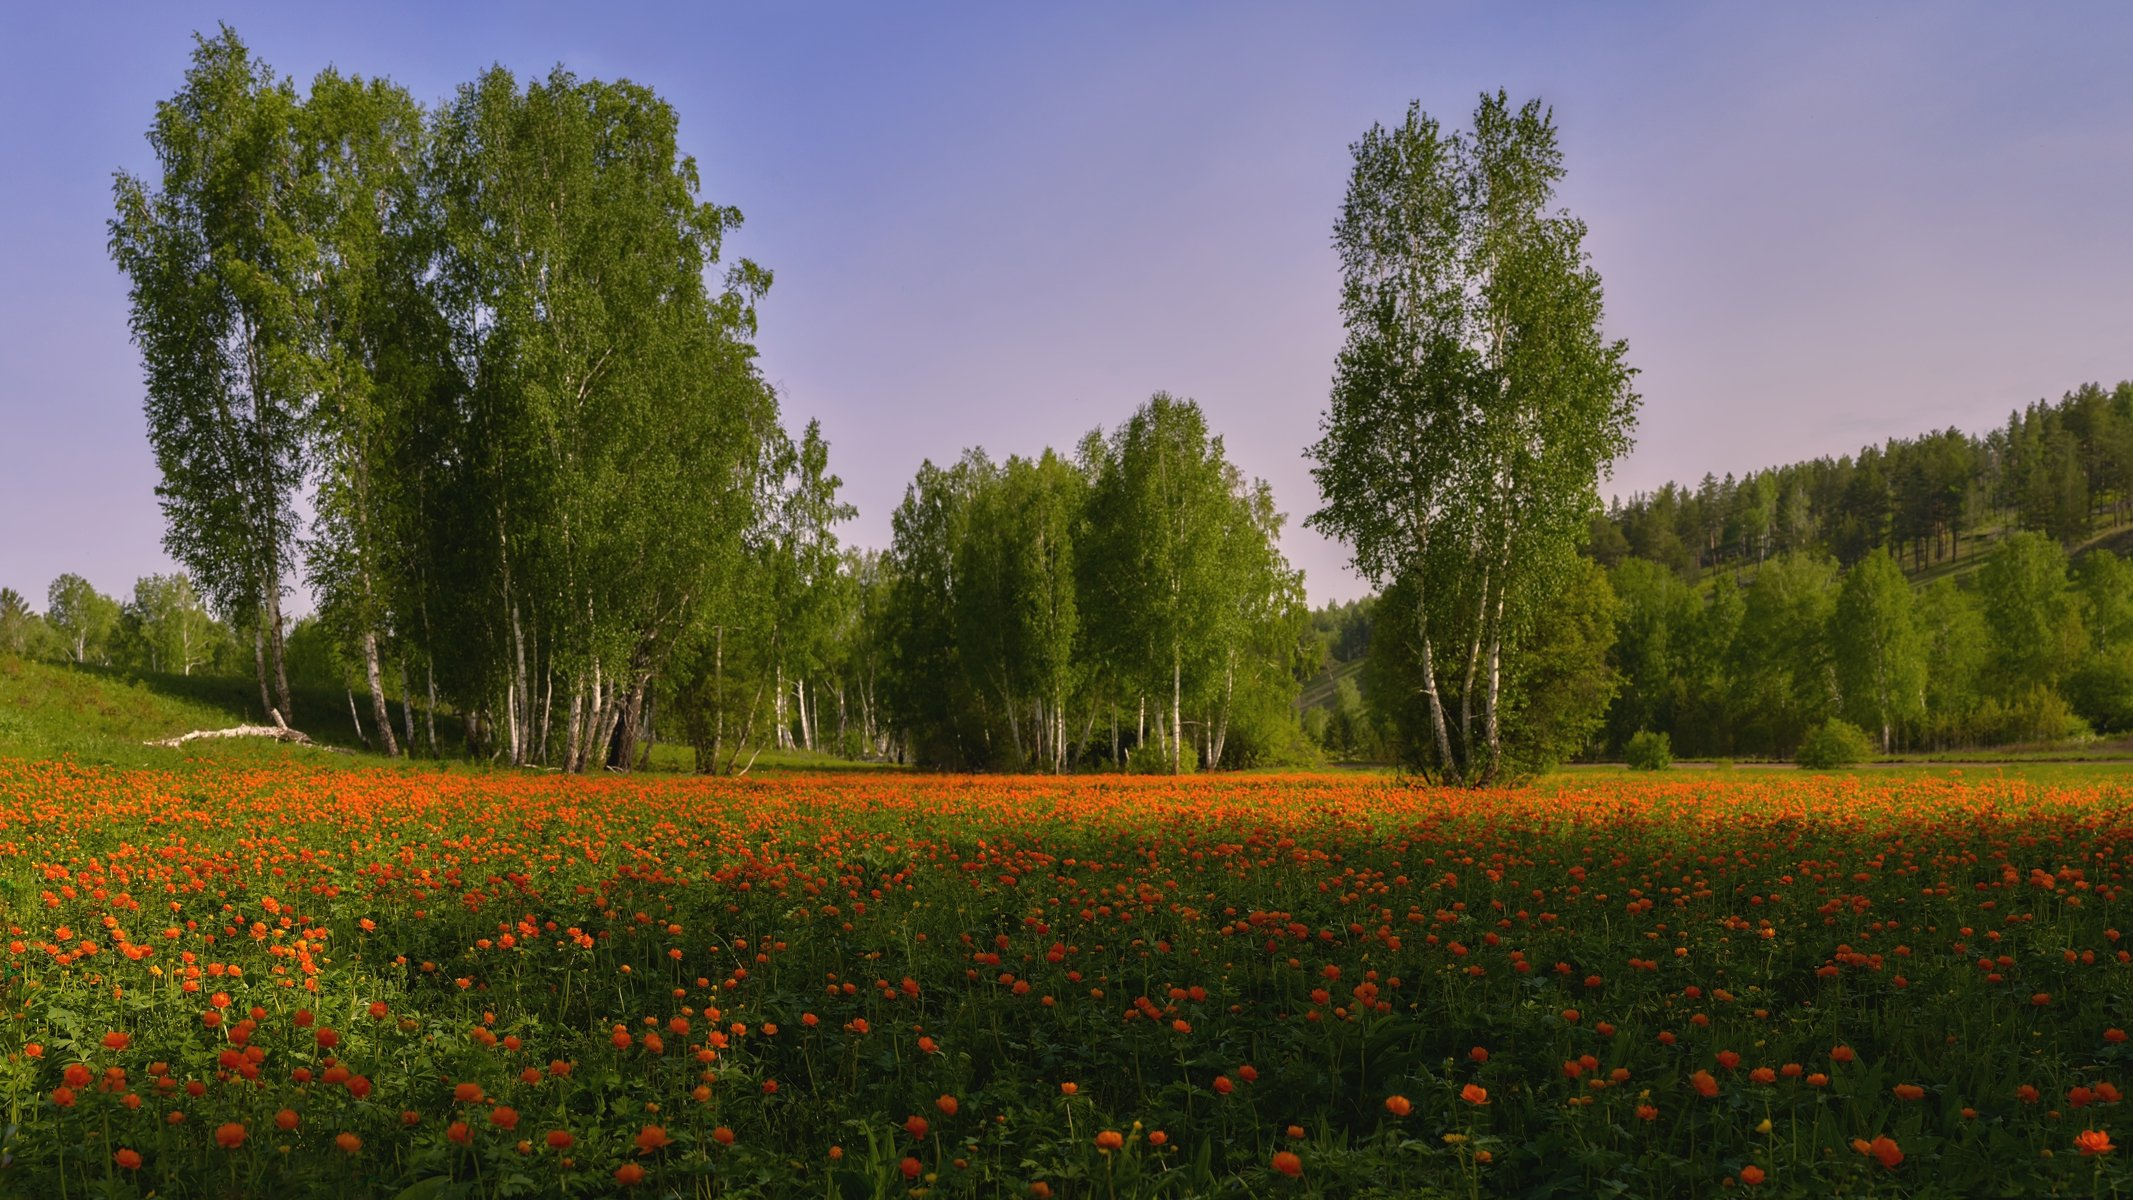 купальница азиатская ,(Trollius asiaticus), жарки , лето ,полевые цветы, берёзы, Сергей